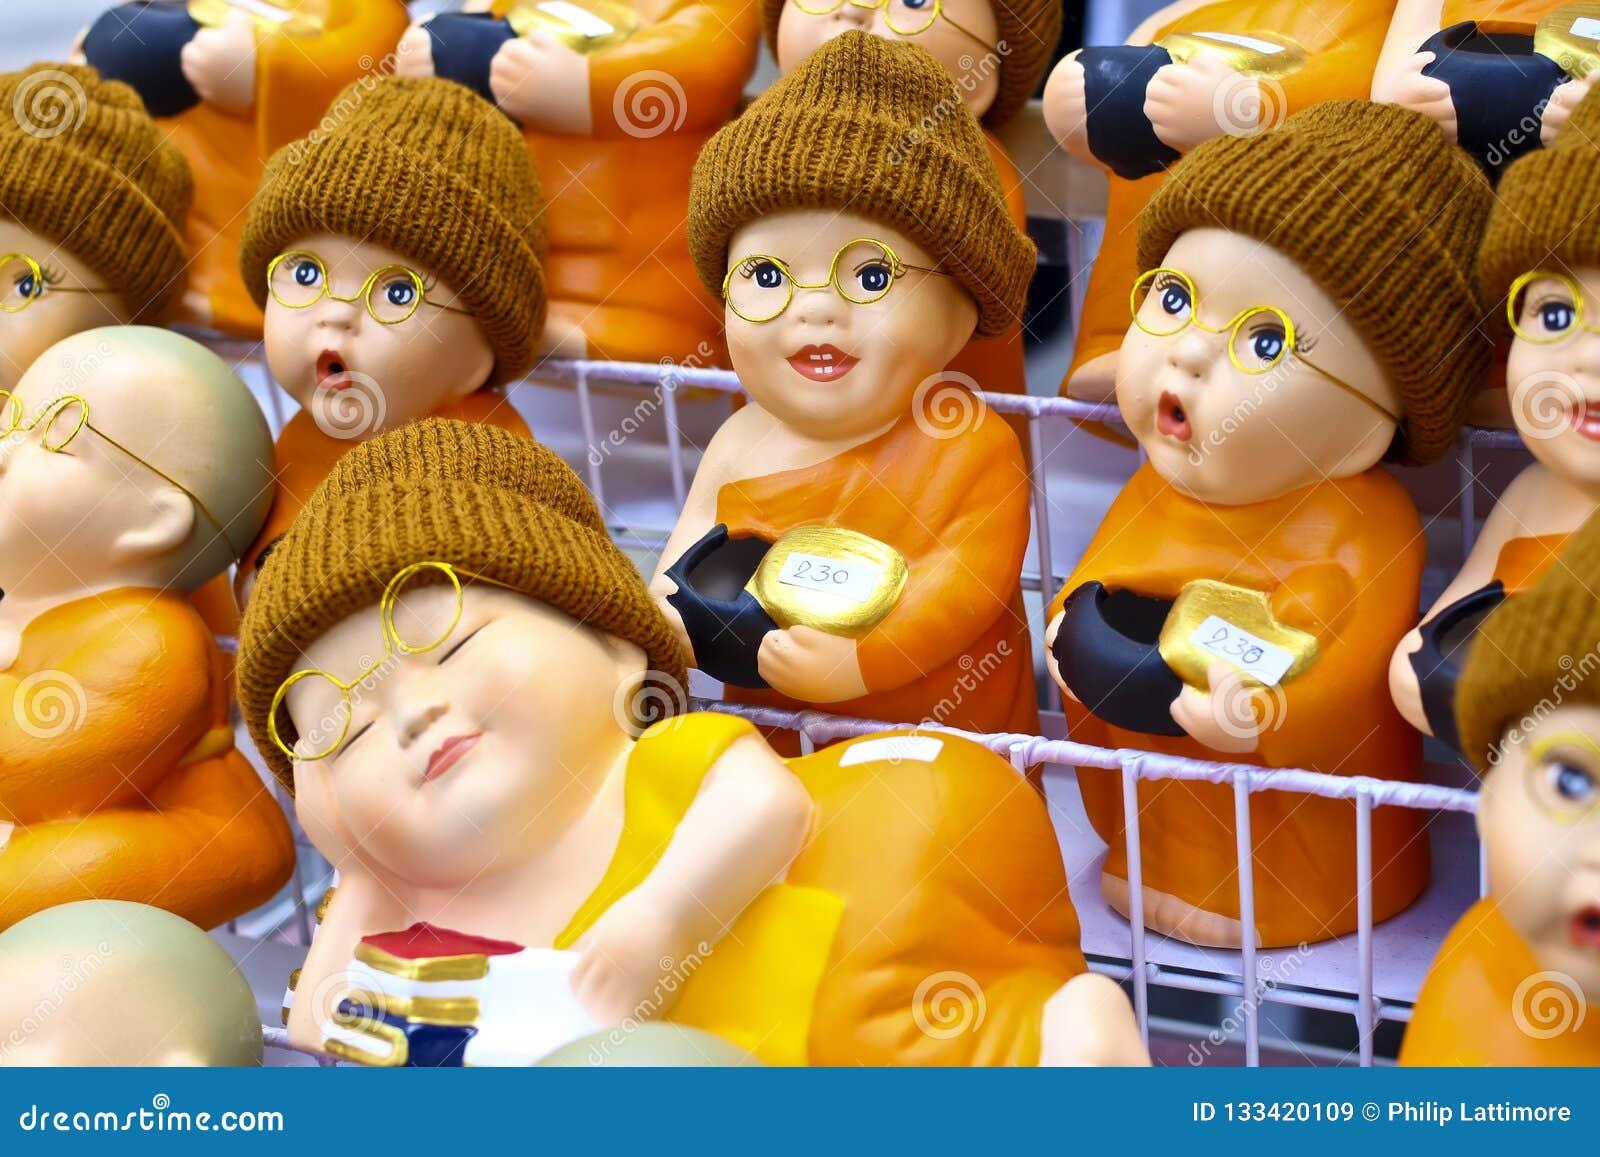 Figurine sveglie del monaco buddista con gli occhiali ed i cappelli lanosi